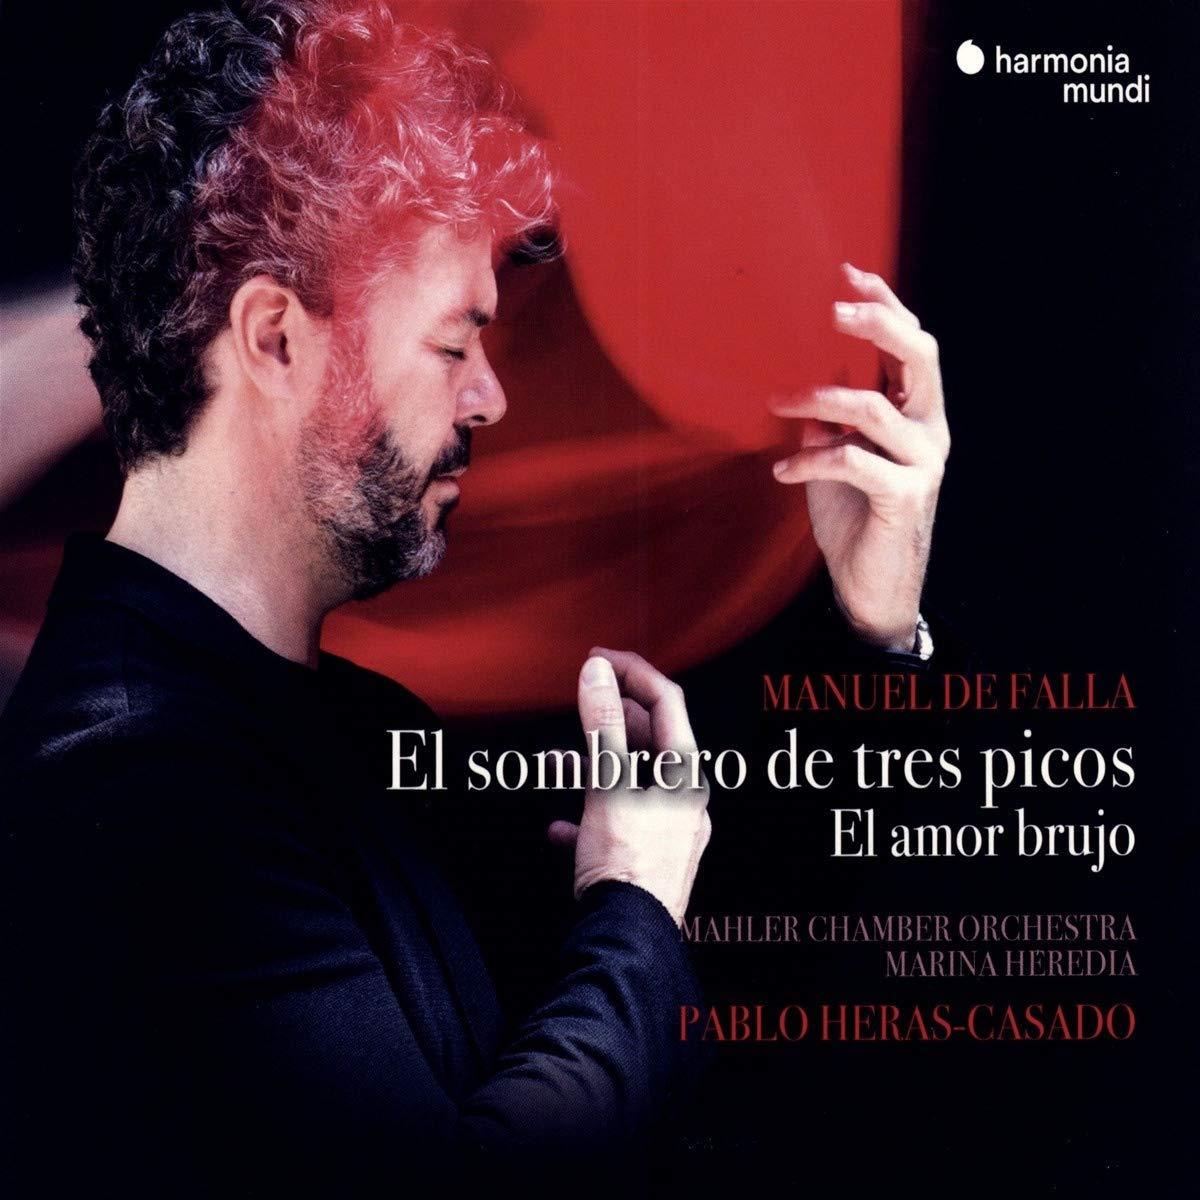 Falla: El sombrero de tres picos, El amor brujo by HARMONIA MUNDI